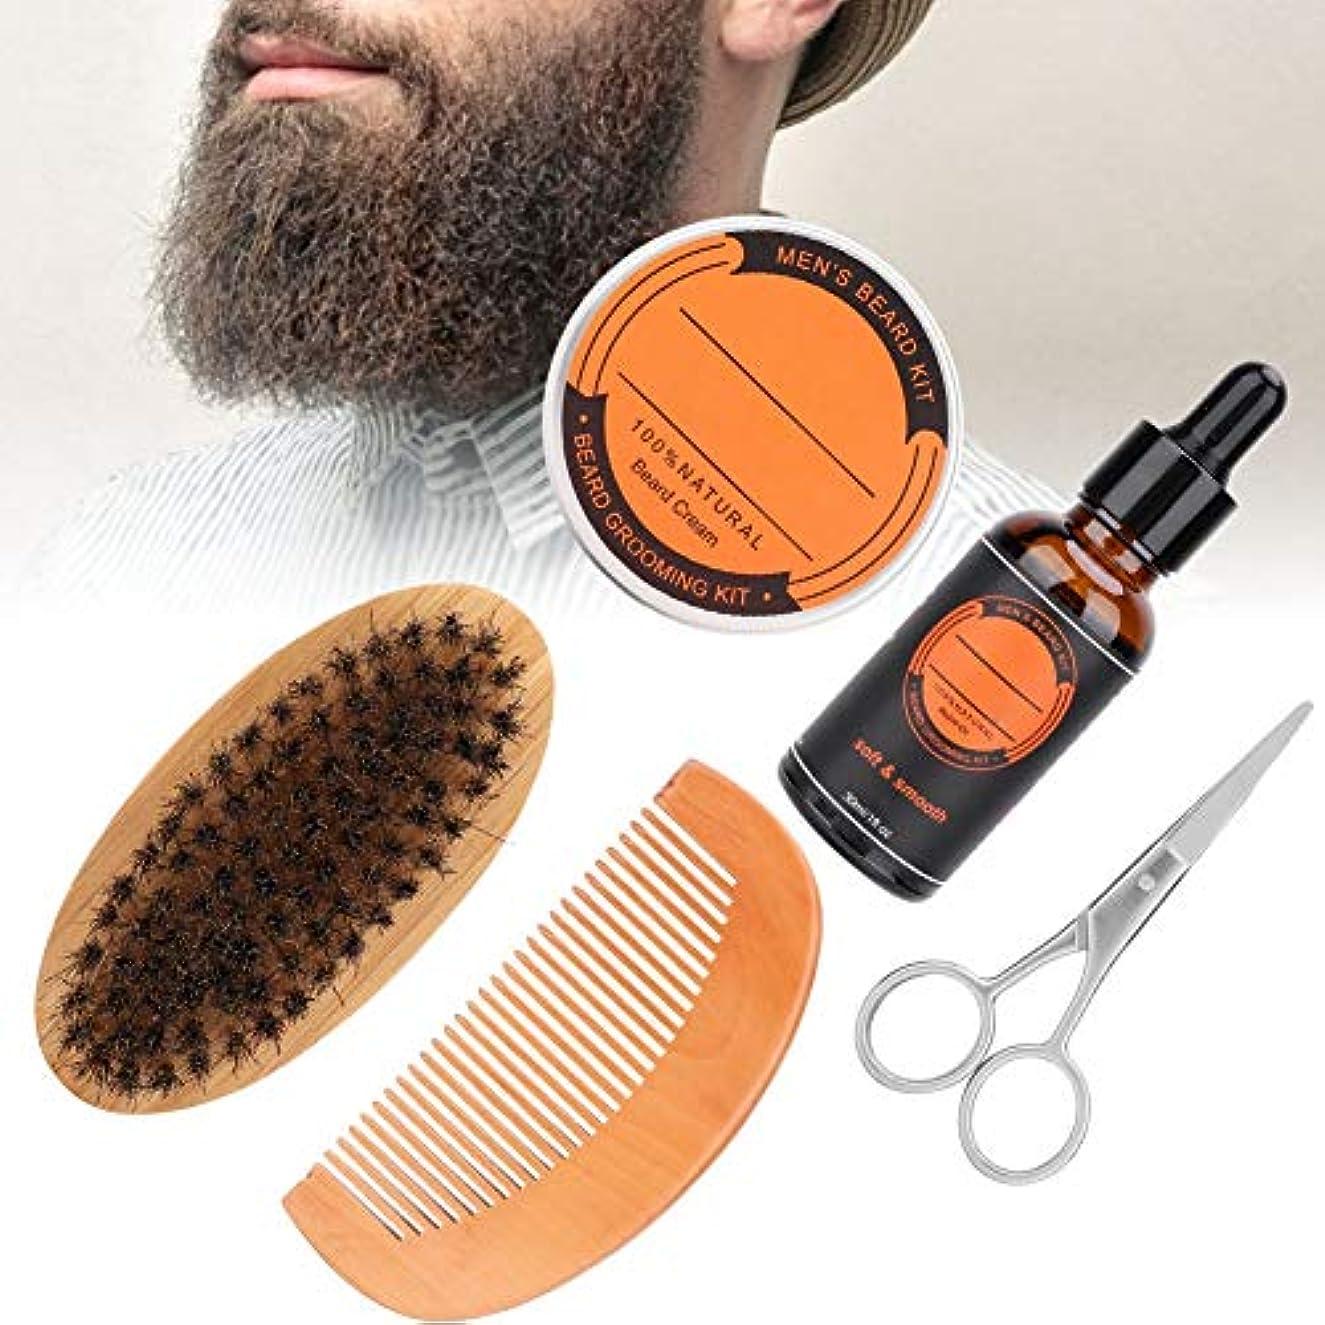 カプラー広げるに賛成6本のひげの心配のセット、ひげの手入れをするキット、人のひげの心配のキット、人のひげの心配のキットとの最終的なひげの心配のキット香油+髭オイル+櫛+ブラシ+はさみ